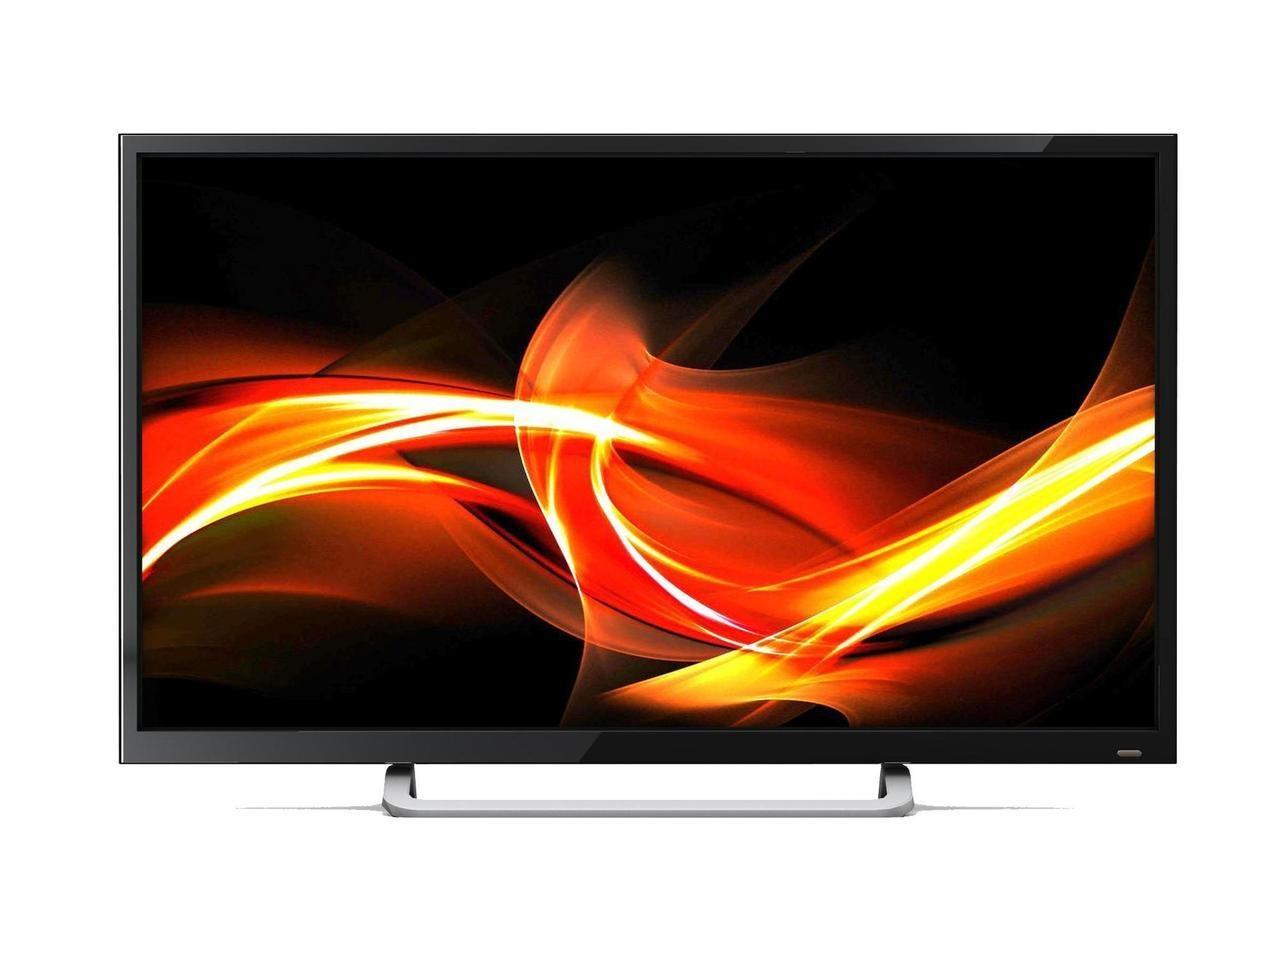 Sistema: Resolução: 1920x1080 (Full-HD) Contraluz: Brilho LED: 300cd / m2 Contraste: 1200: 1 Ângulo de abertura: 178 ° horizontal e vertical Tempo de resposta: 5ms Cores: 16.7M Entrada: 1xVGA (D-Sub) / 2xHDMI / 1xAudio Output : 1x alto-falante geral: máx.